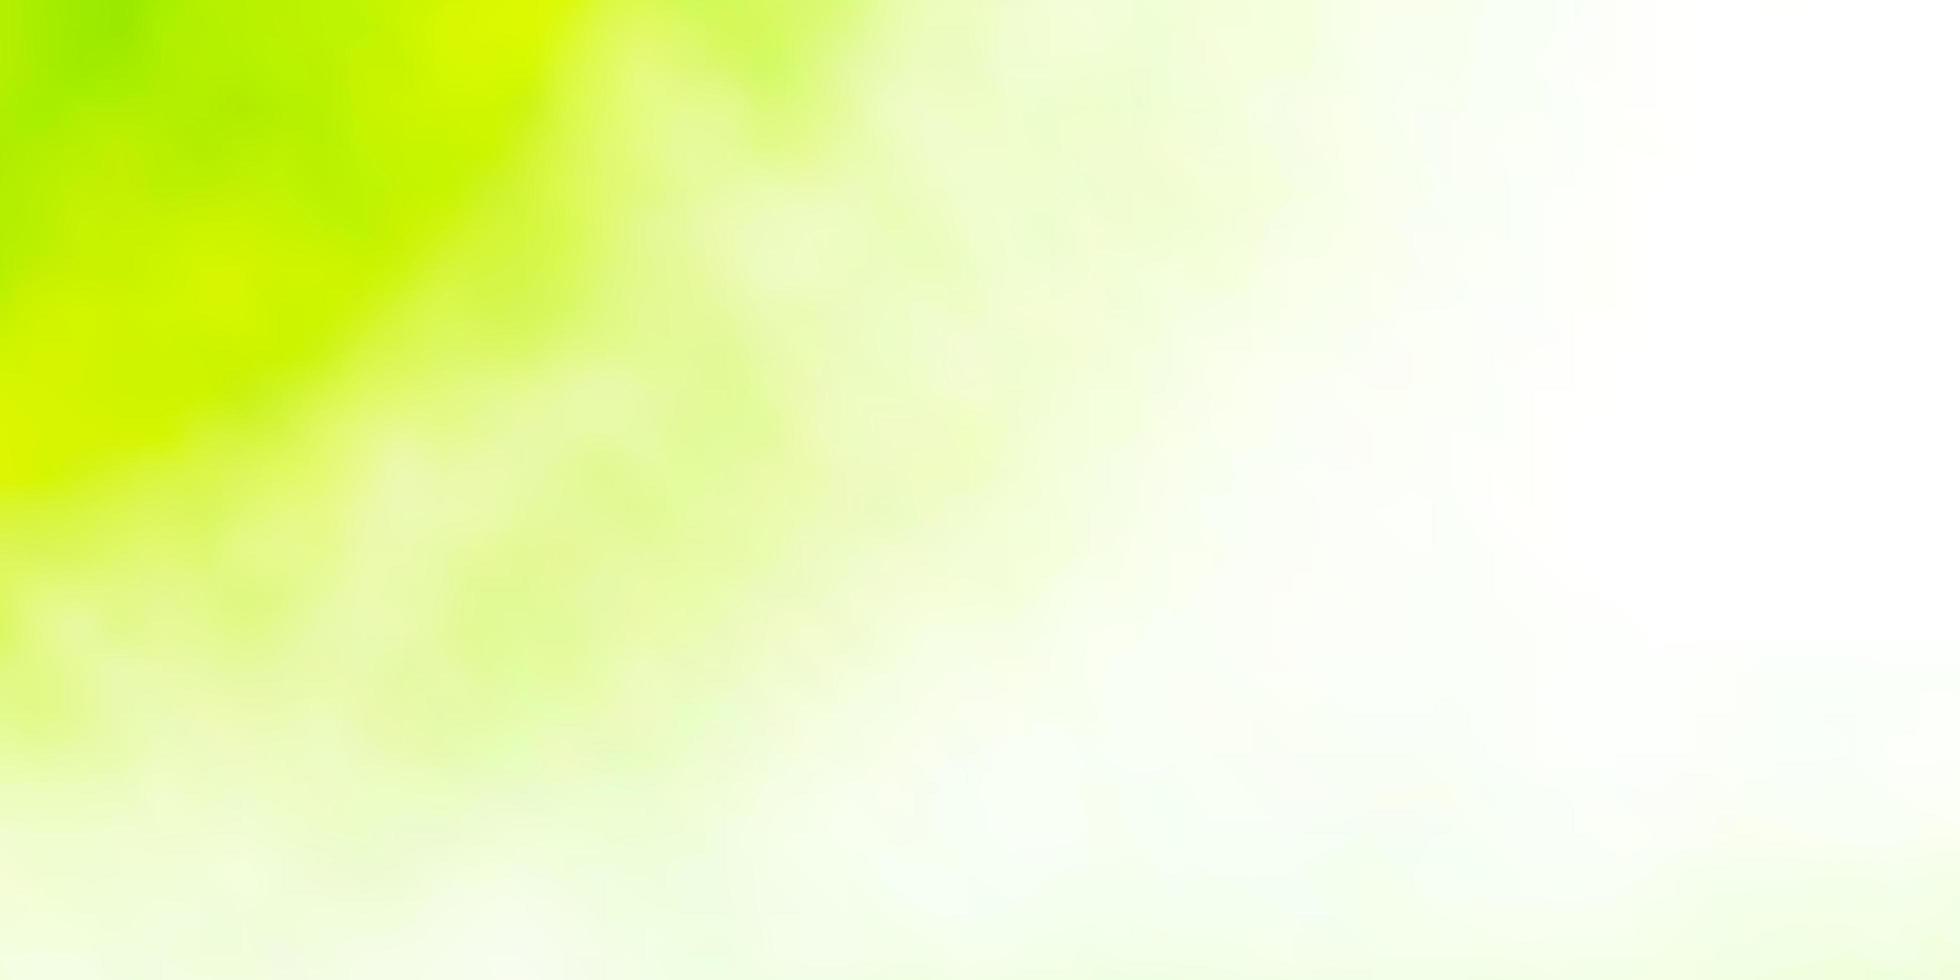 textura de vetor verde e amarelo claro com céu nublado.